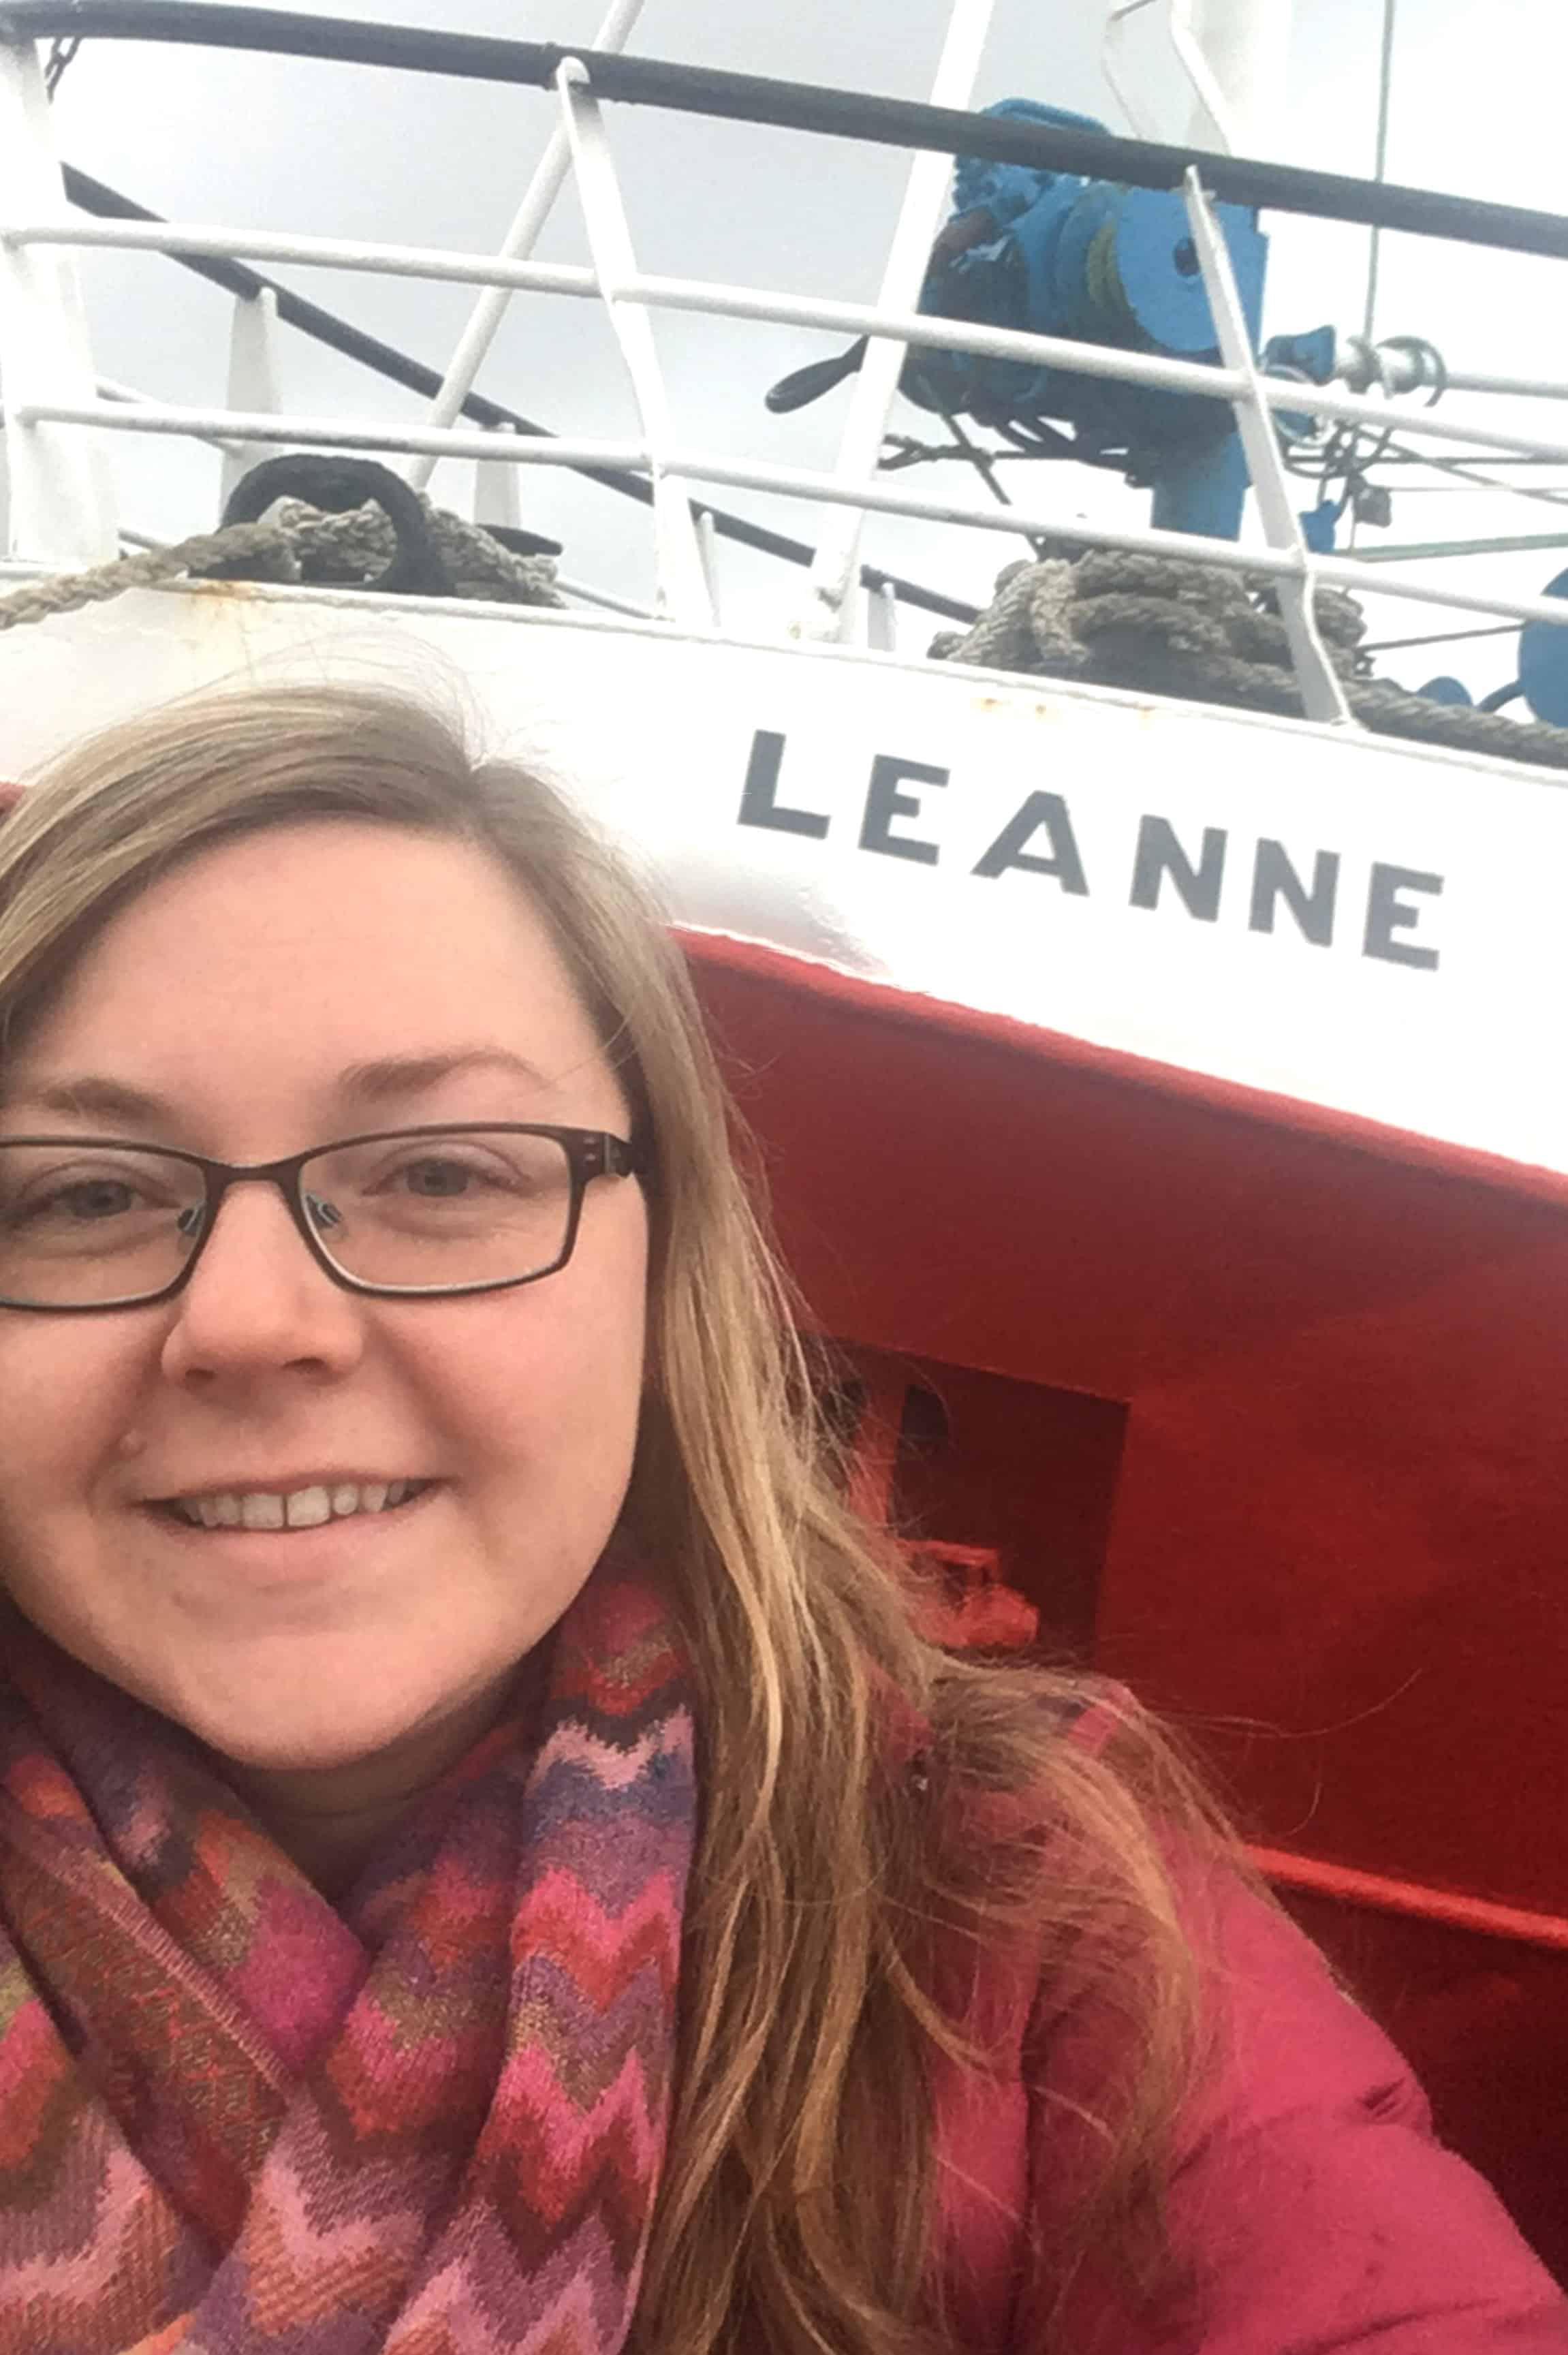 Leanne Putt